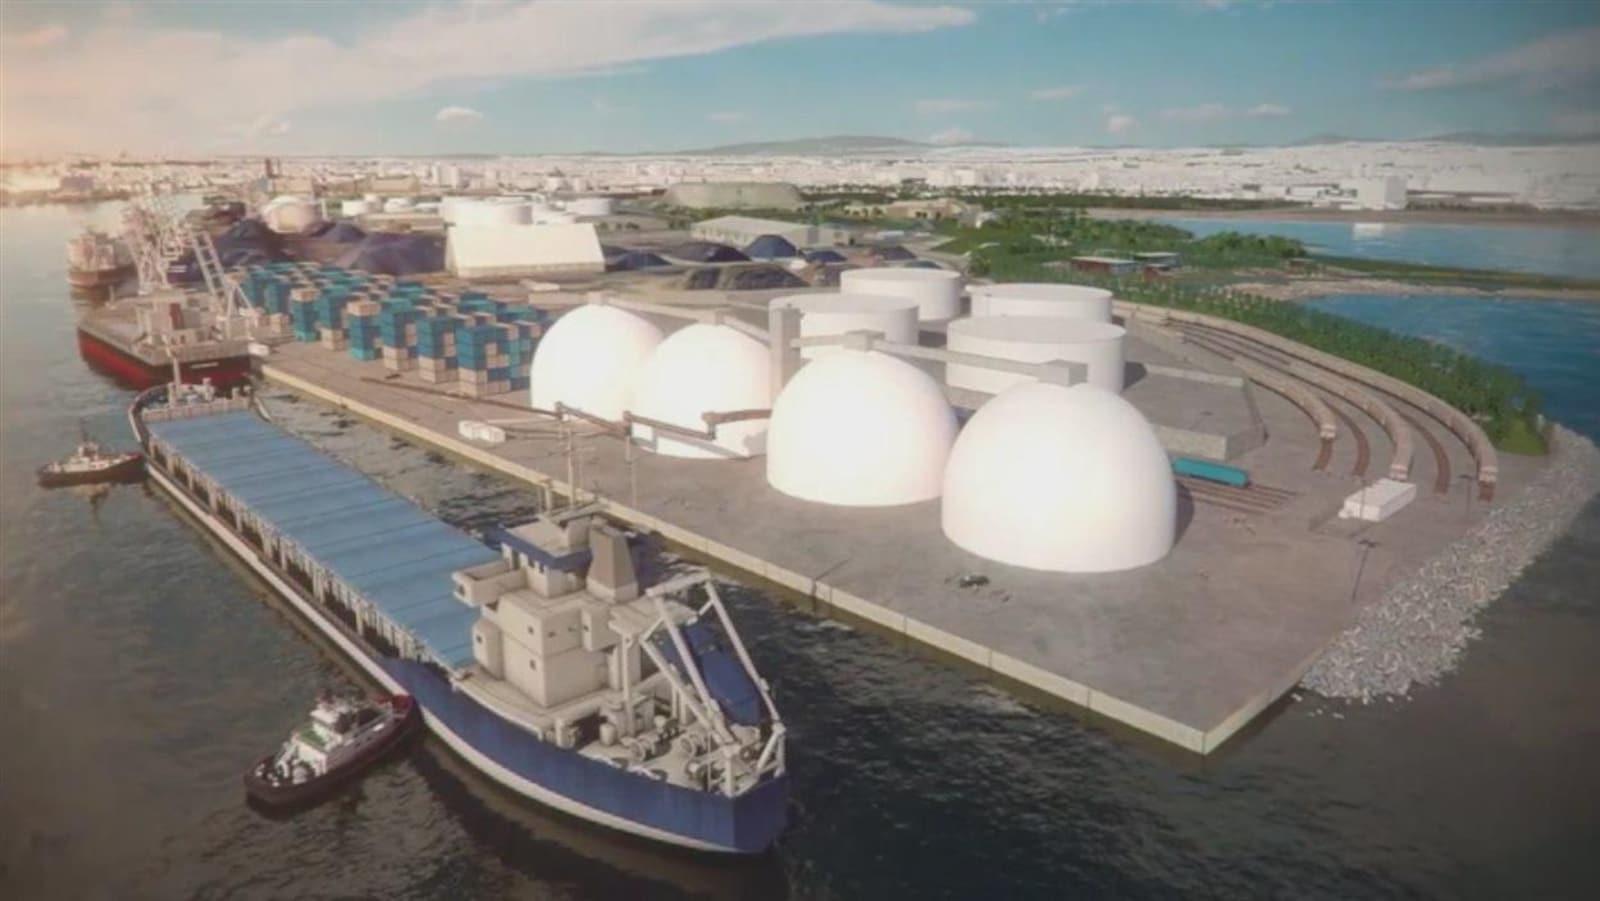 Le projet Beauport 2020 est évalué à 200 millions de dollars